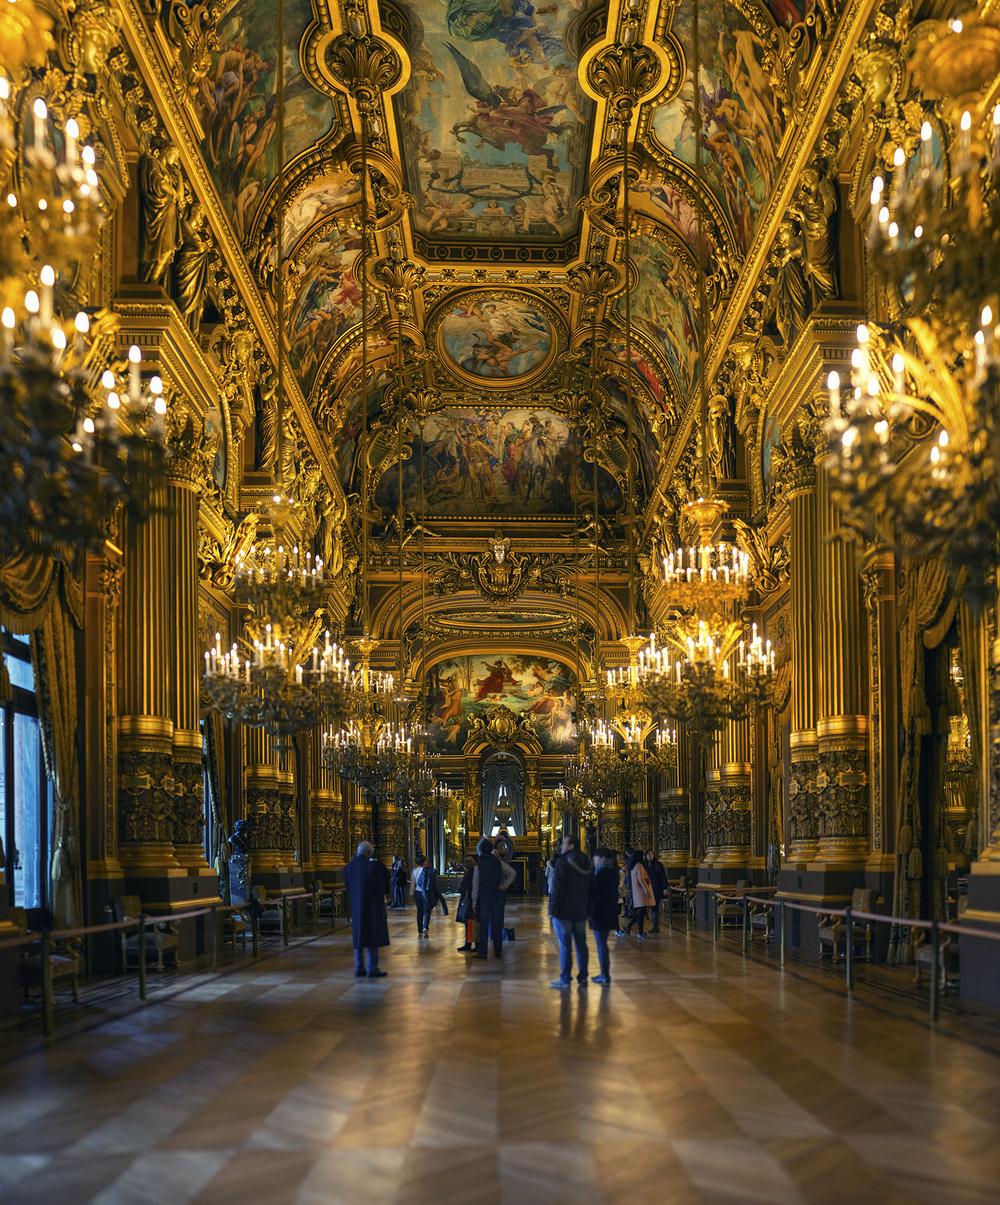 フランス:「パリ・オペラ座ガルニエ宮/Palais Garnier Opera House」